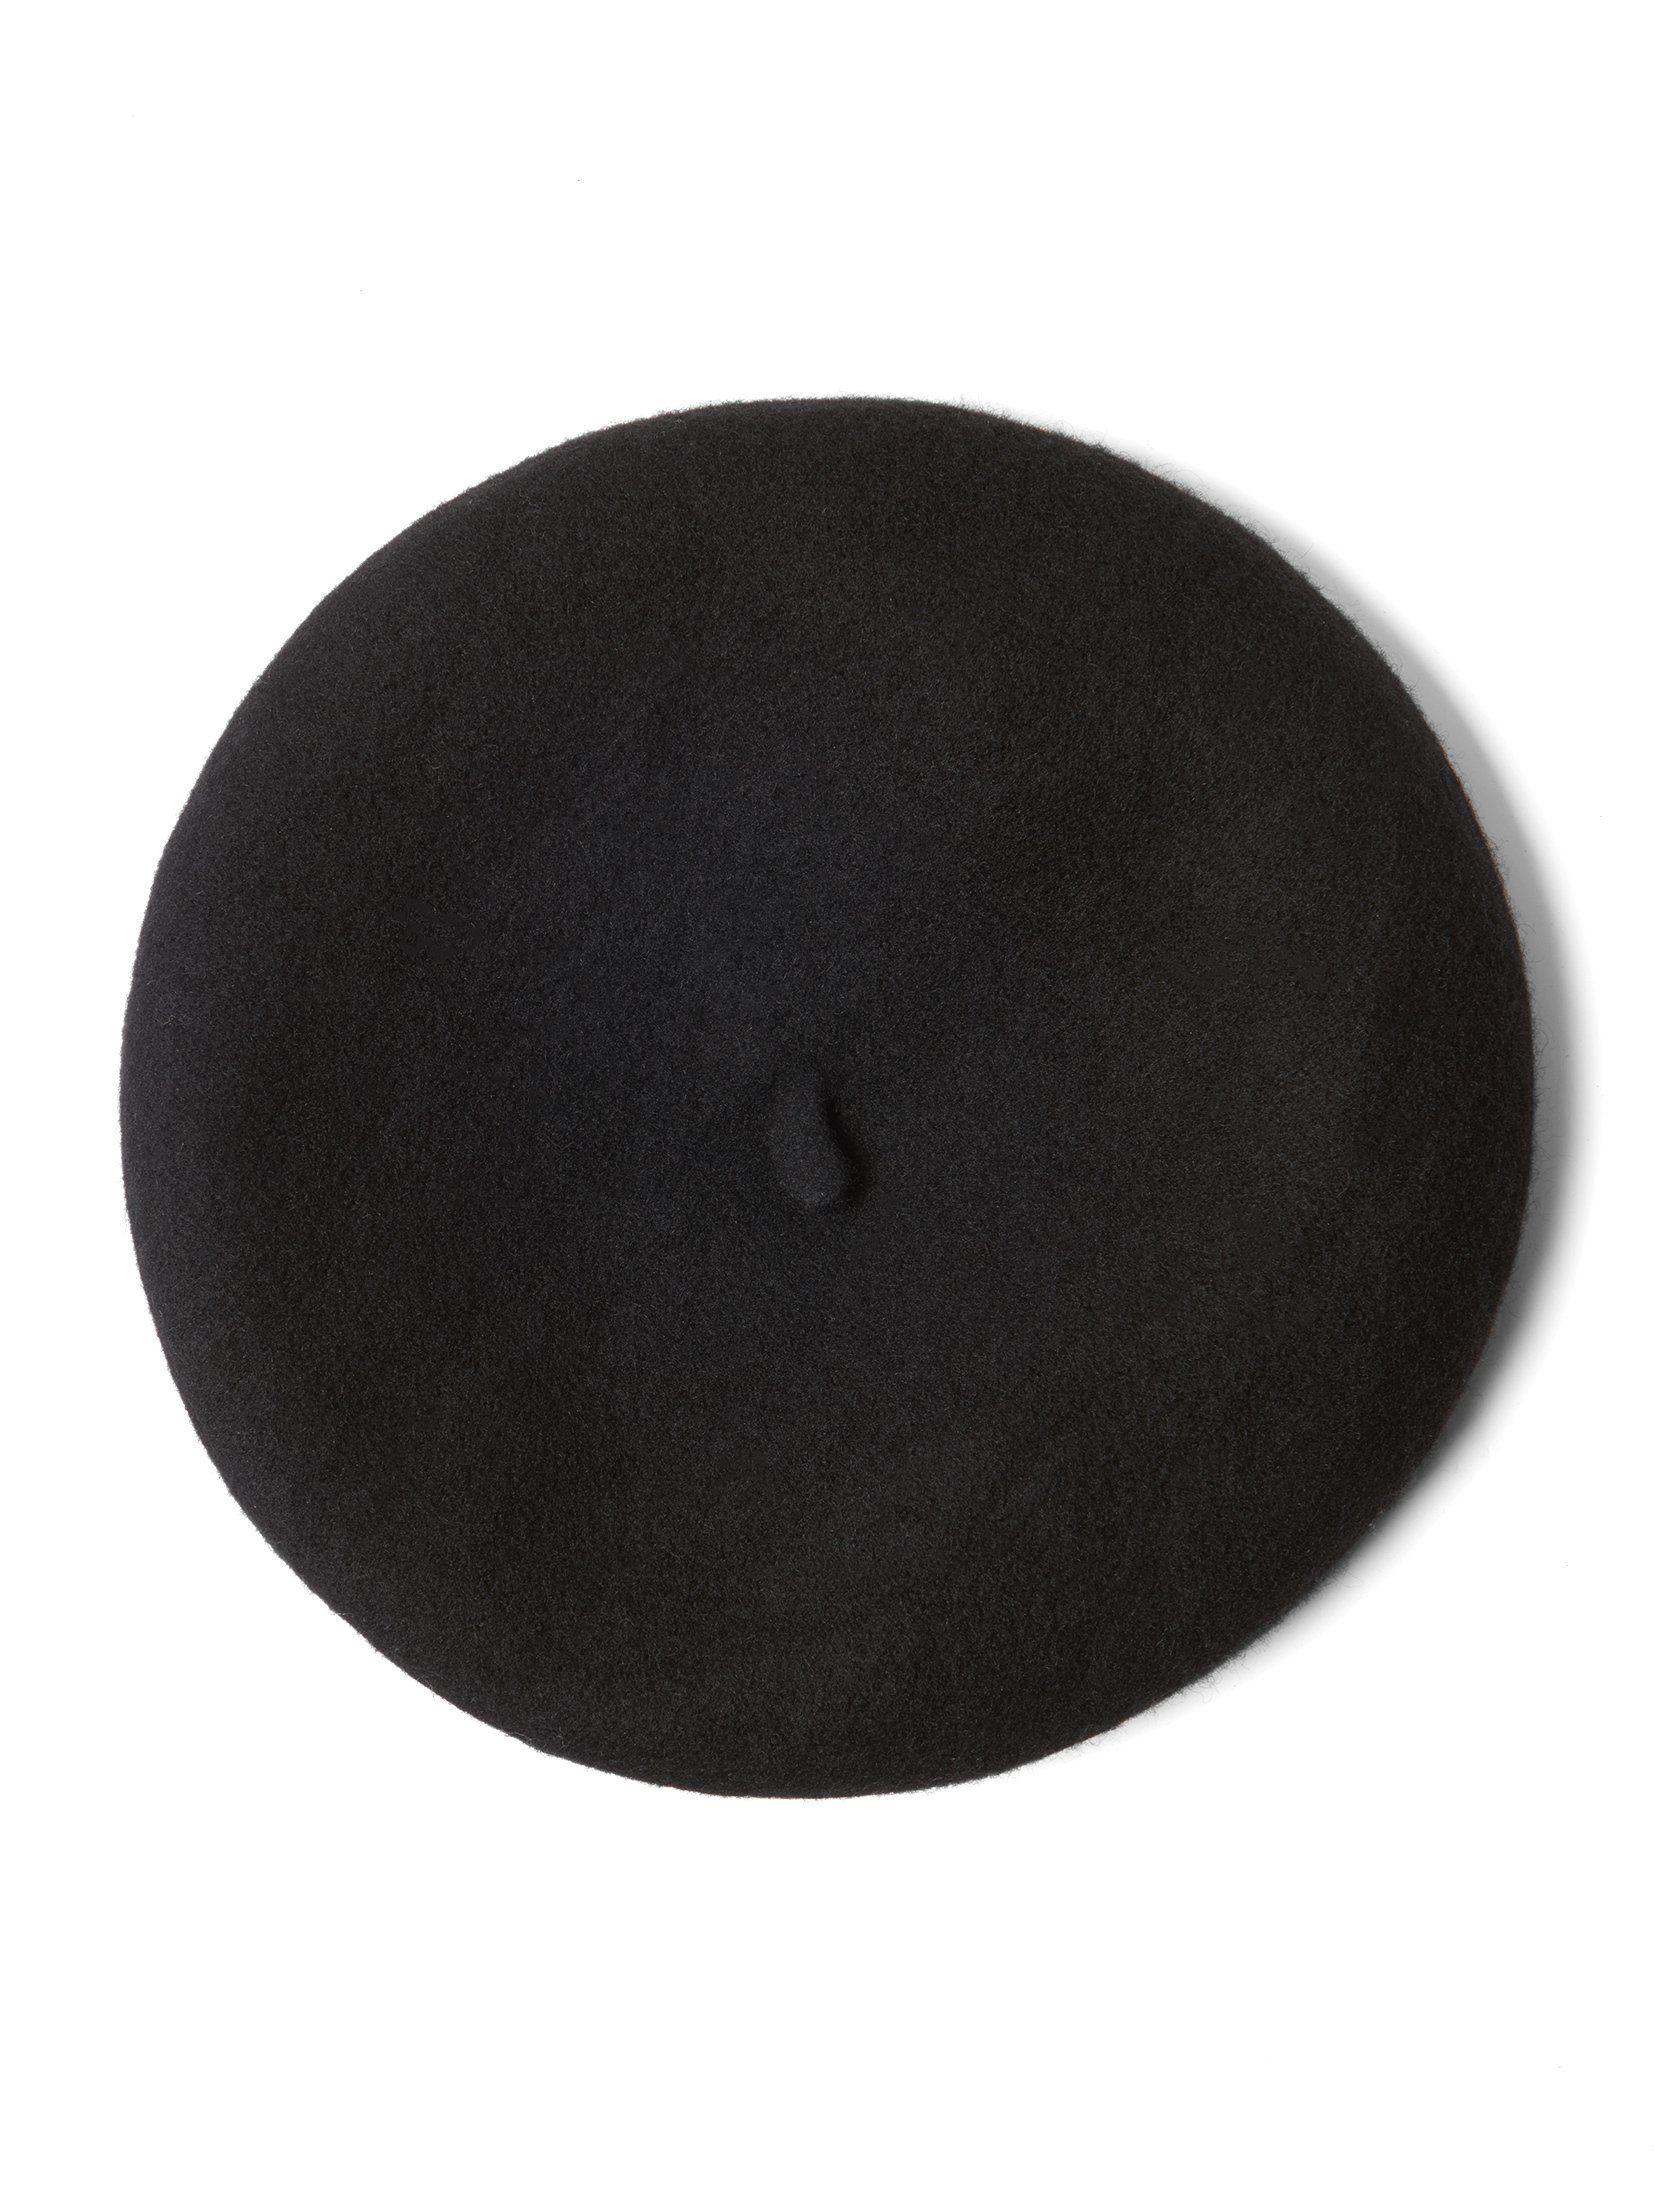 Tom Tailor Strickmütze »Beret aus Wolle«